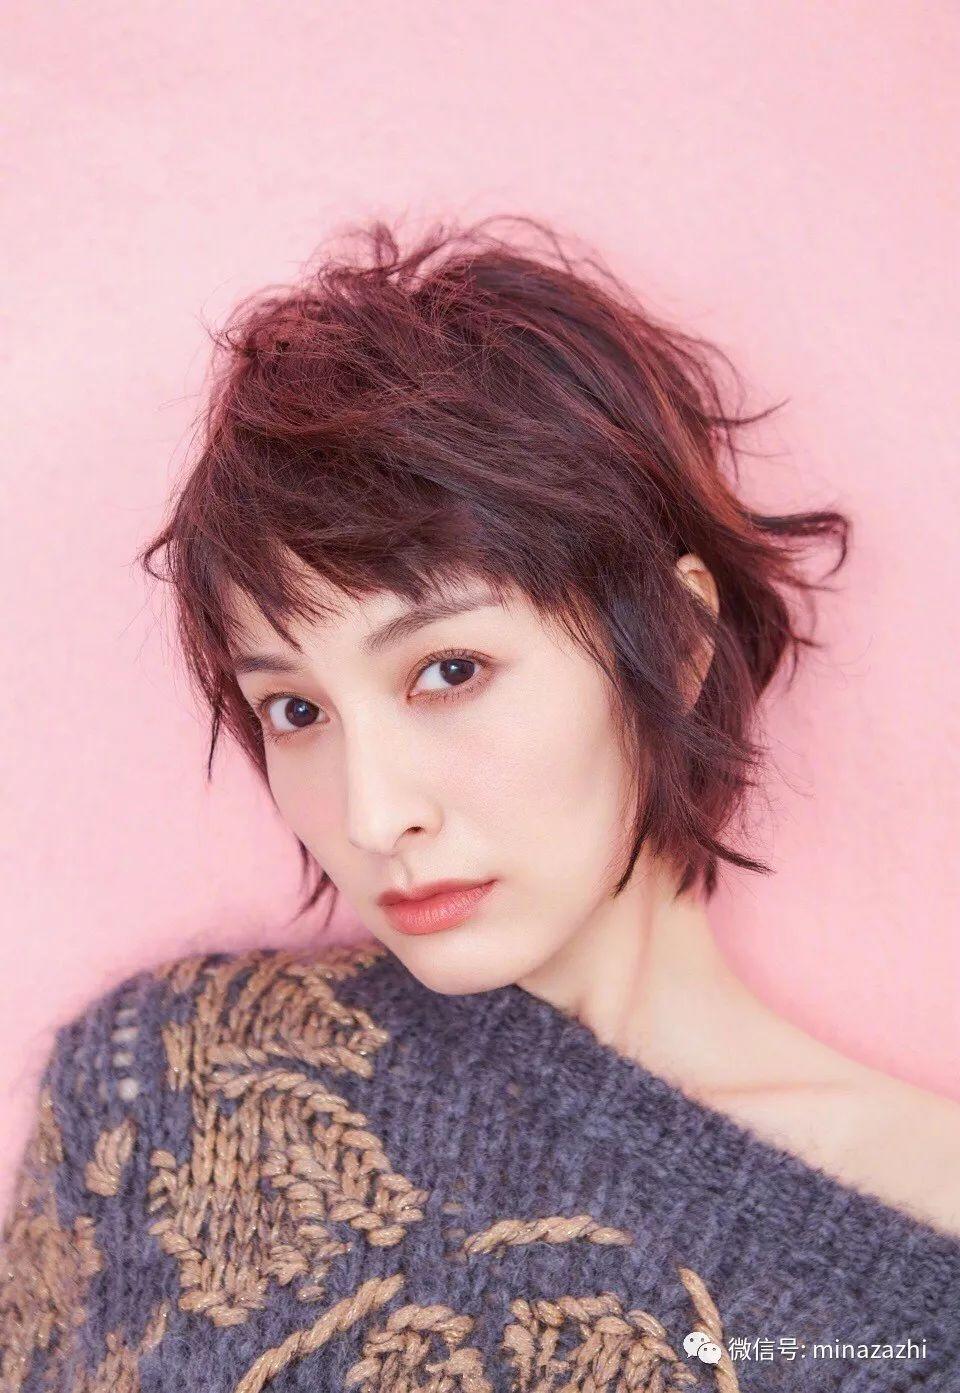 吴昕的这款短卷发带着一股浓浓的法式复古风,再搭配眉上刘海,十分俏皮图片